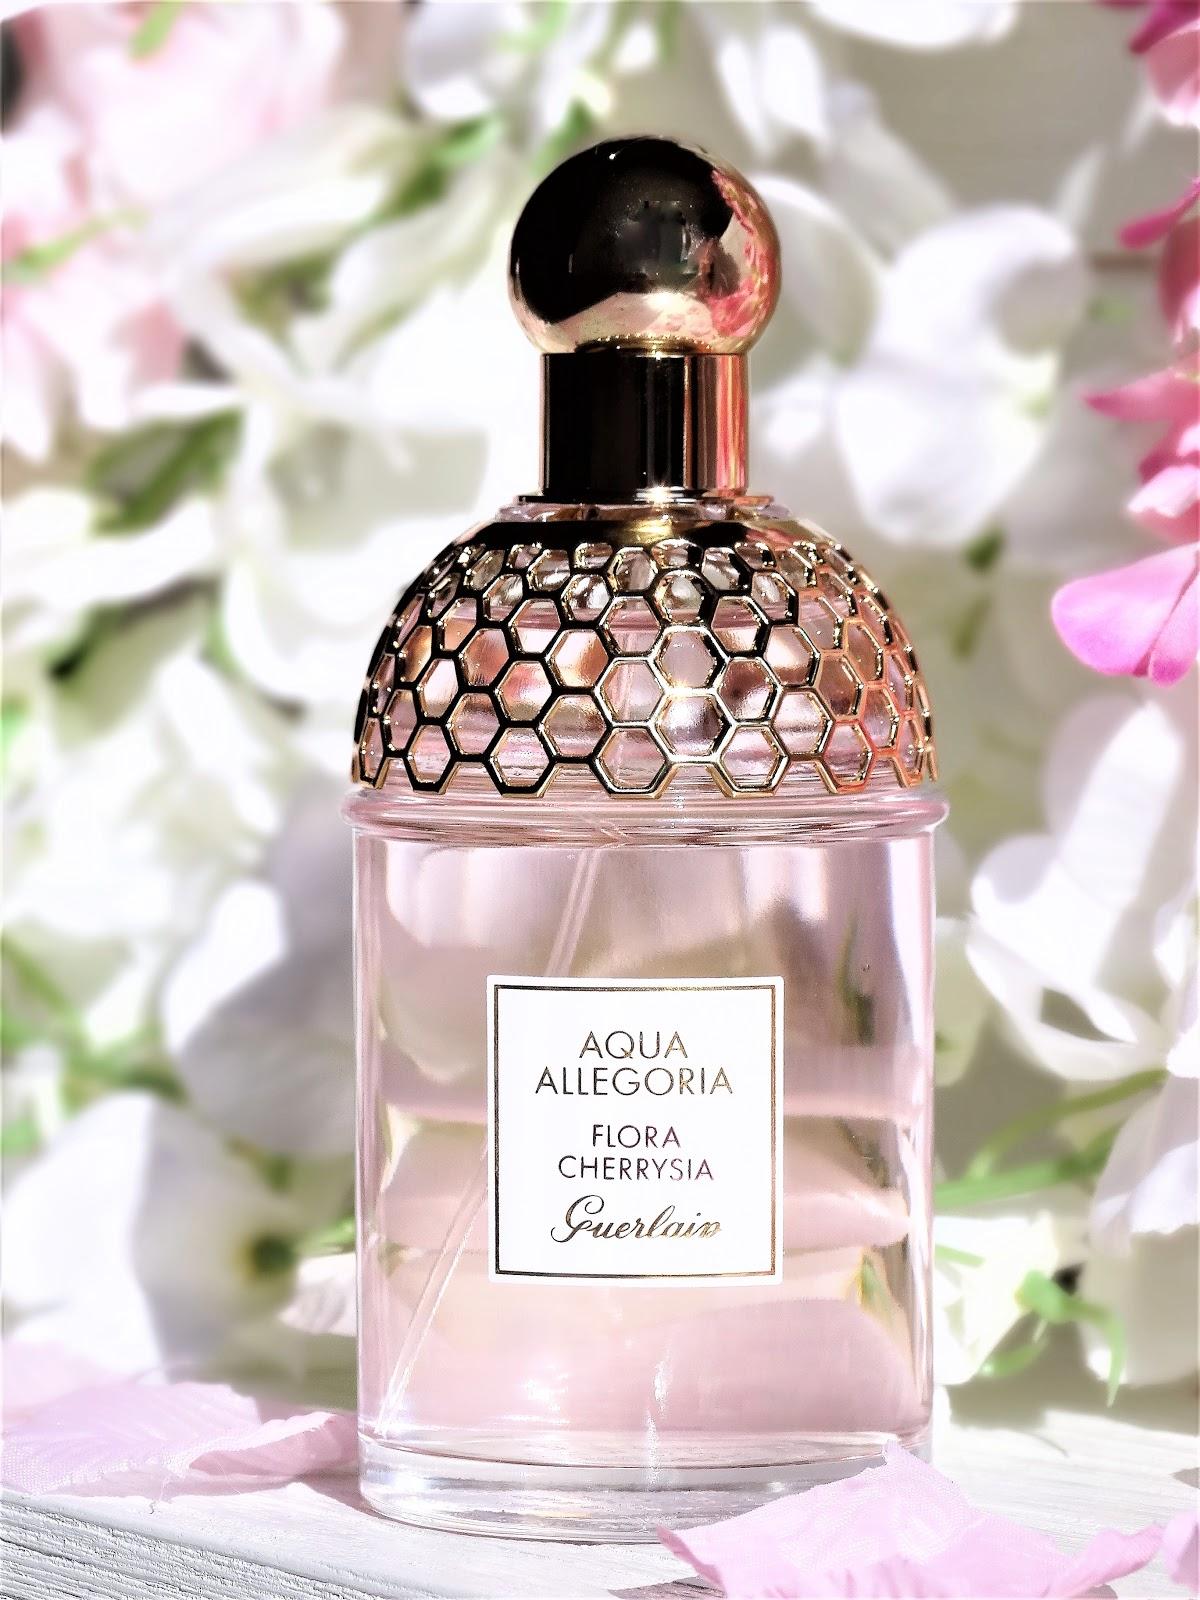 Flora Le Cherrysia Guerlain Nouveau Aqua Parfum Allegoria 34qjAL5R